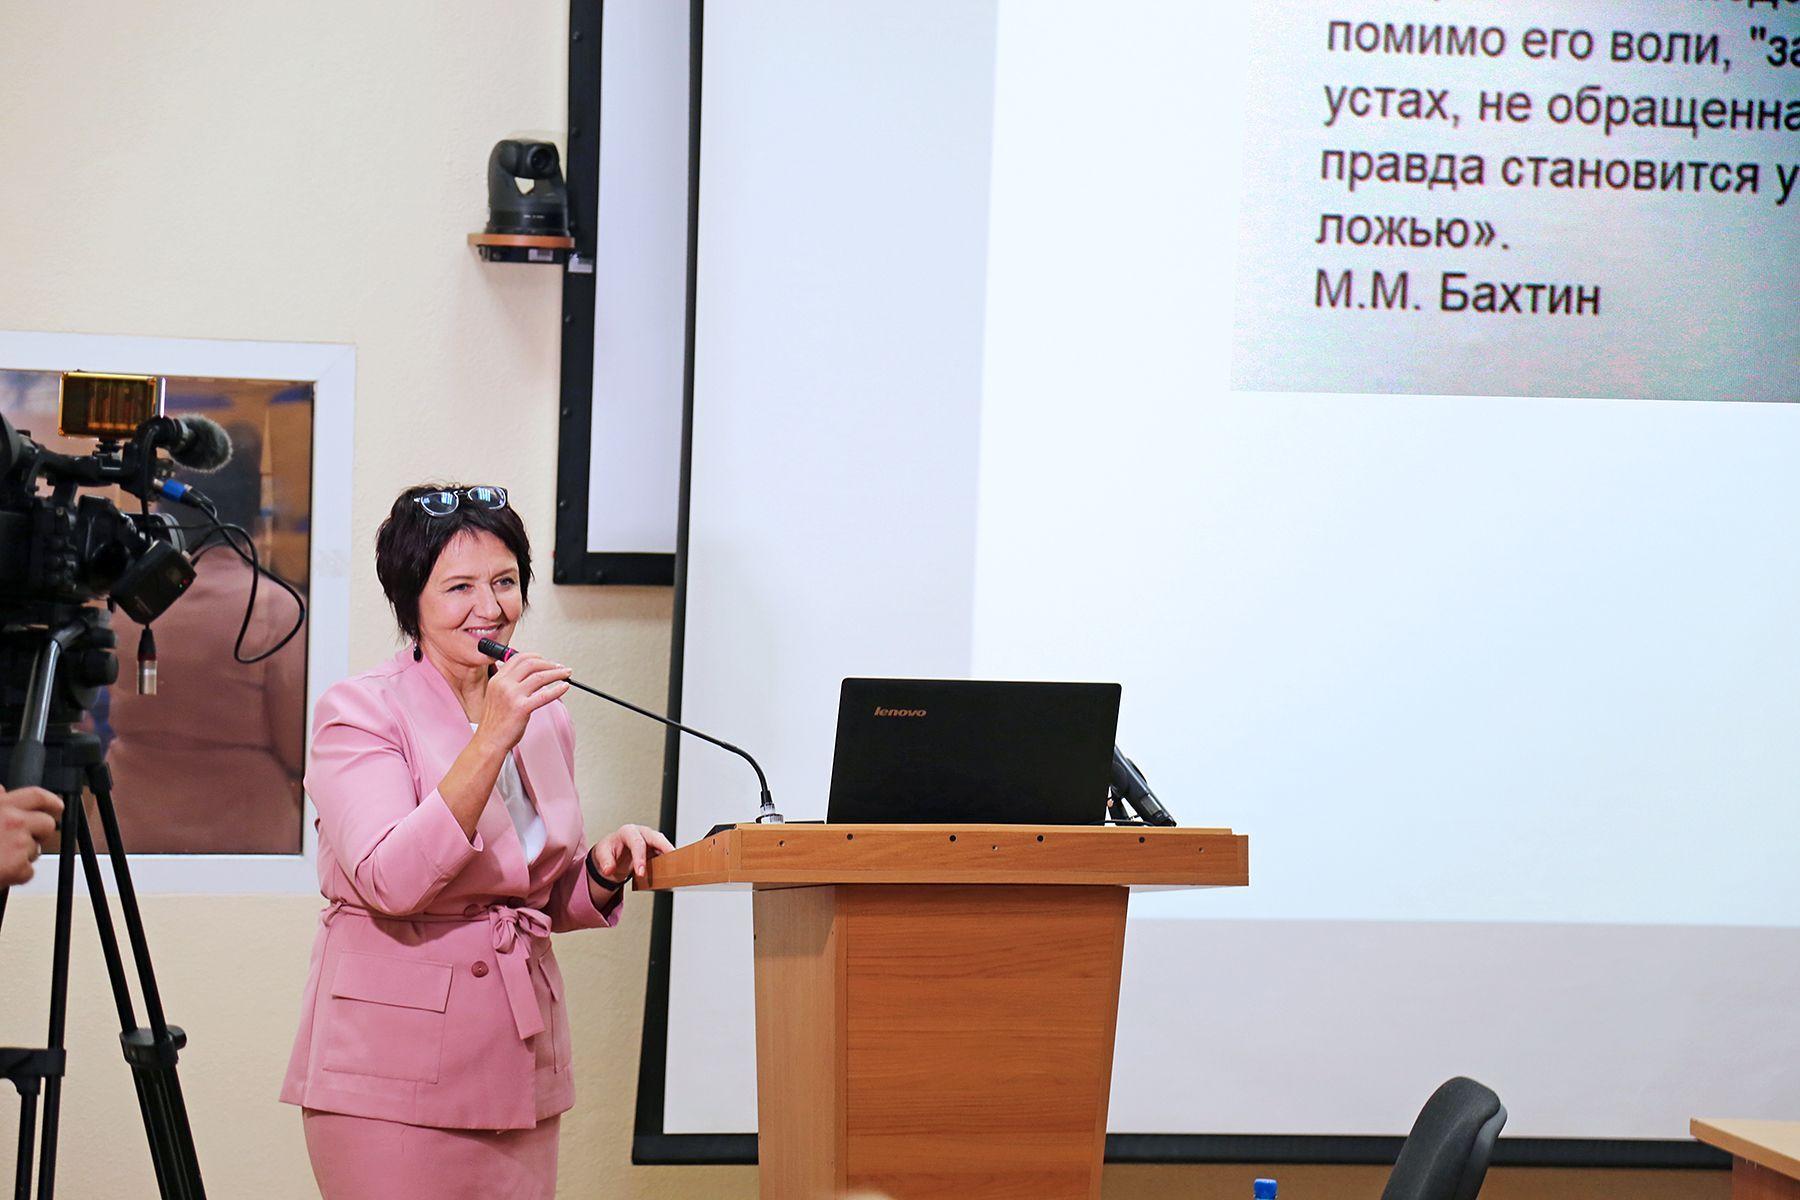 Международную научно-практическую конференцию по самораскрытию способностей организовали и провели сотрудники кафедры